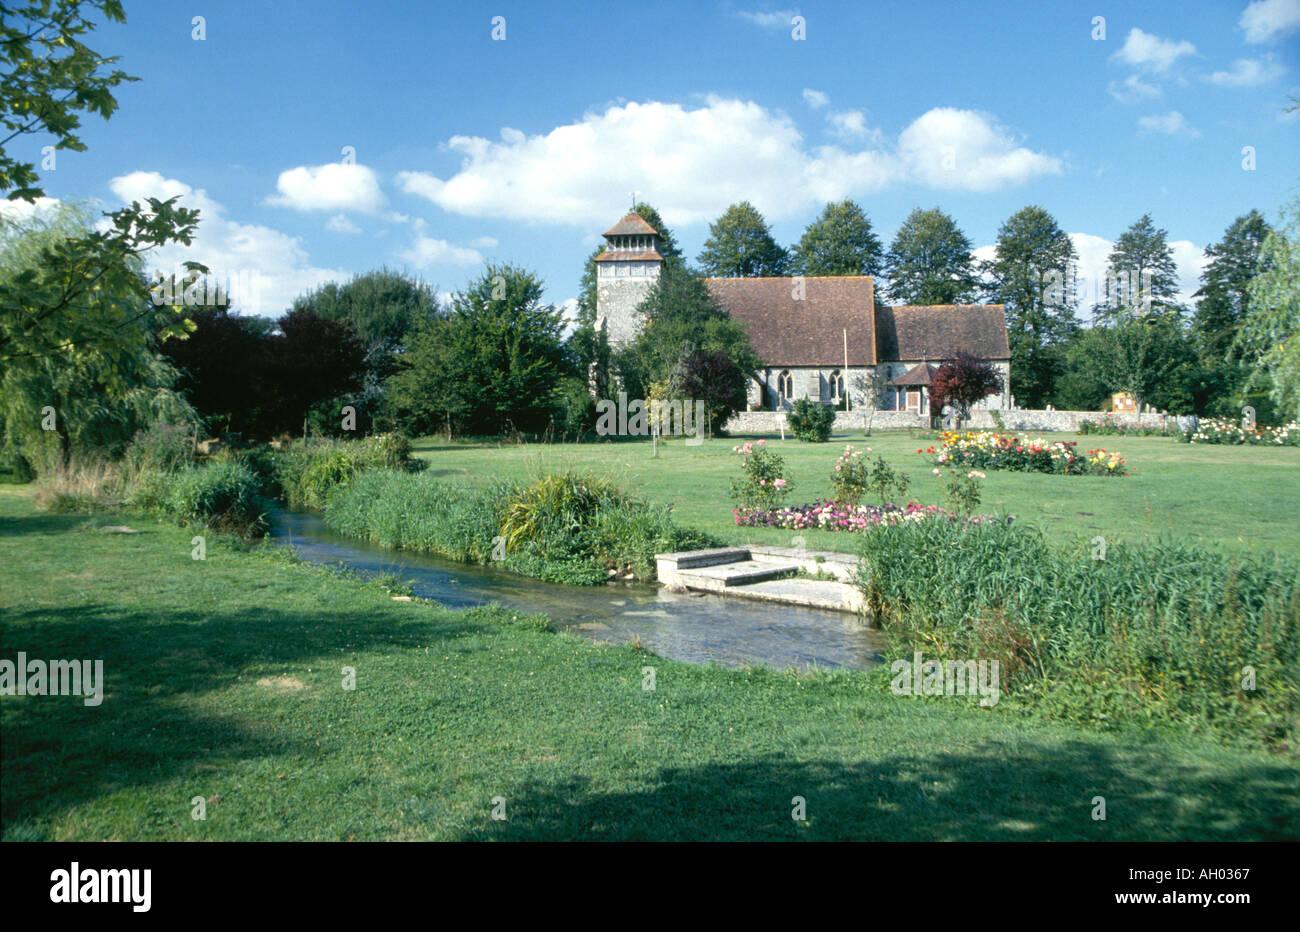 Dorfkirche englischen Landhaus im grünen Feld mit Bach durch und ...